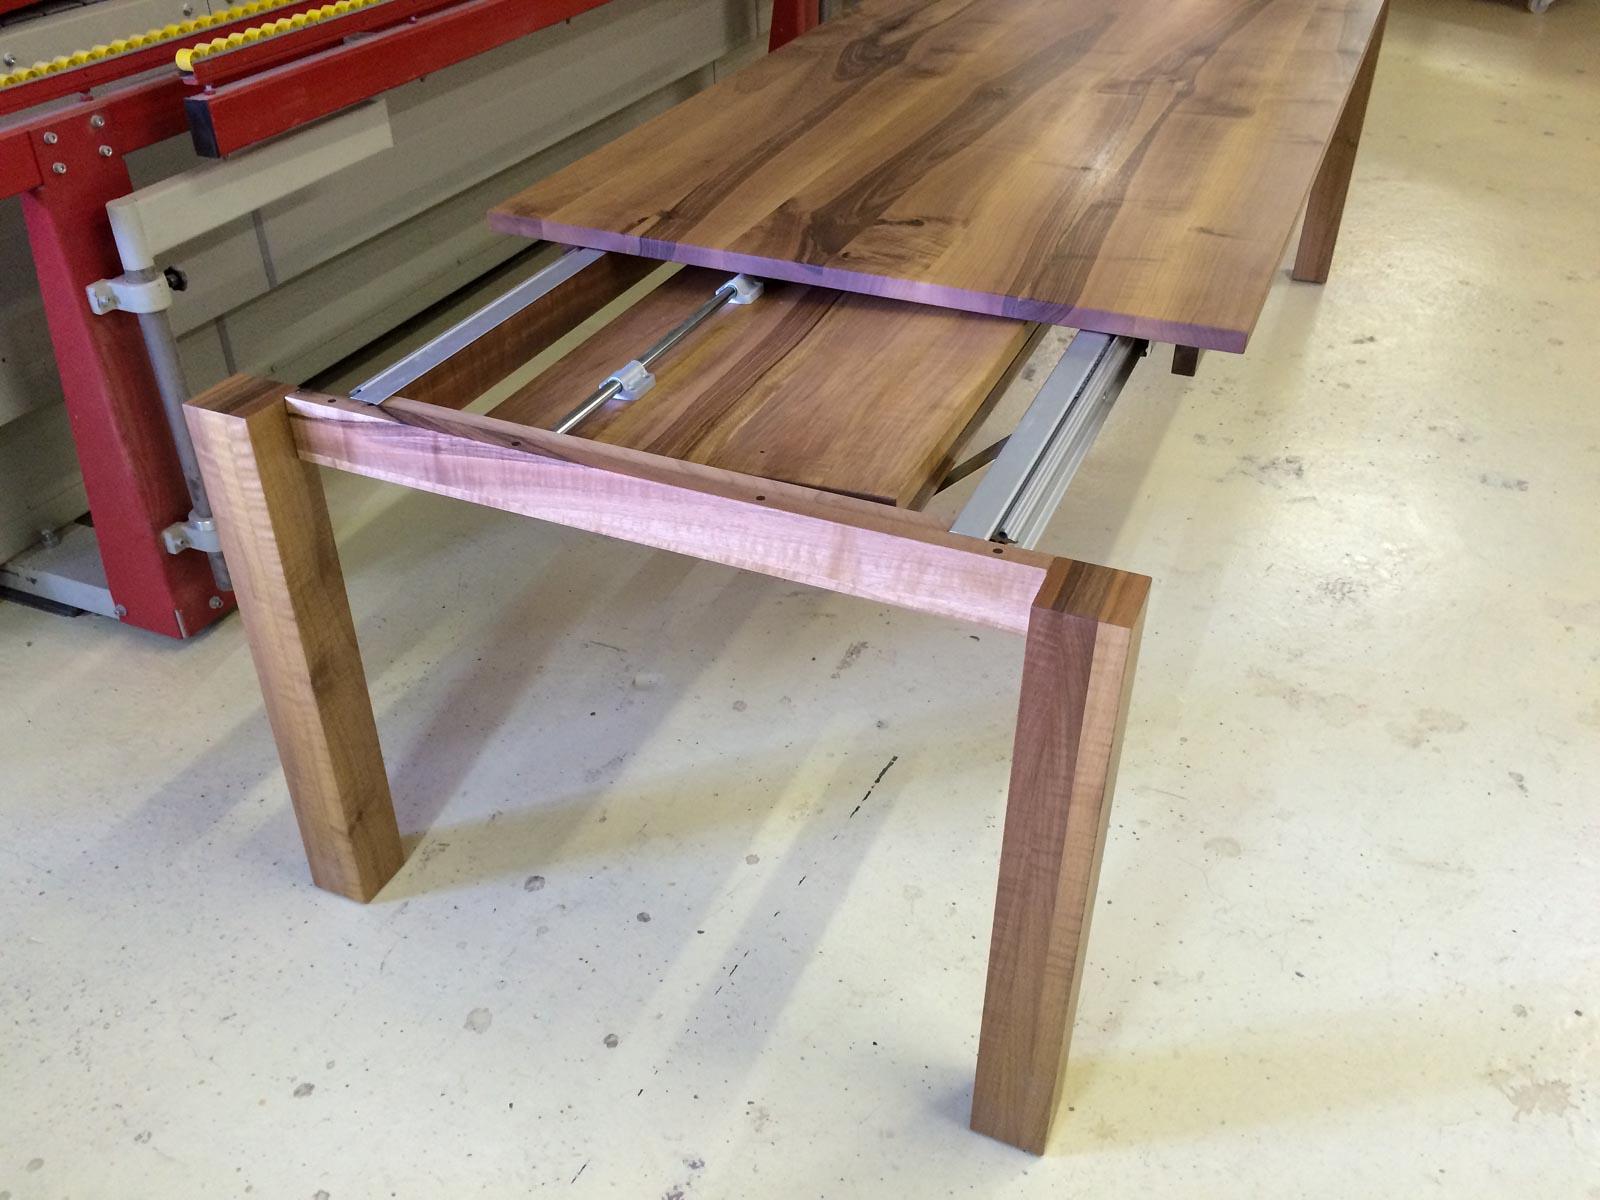 Wooddesign_Tisch ausziehbar_ Ausziehtisch_Tischverlängerung_Nussbaum massiv1 (7)